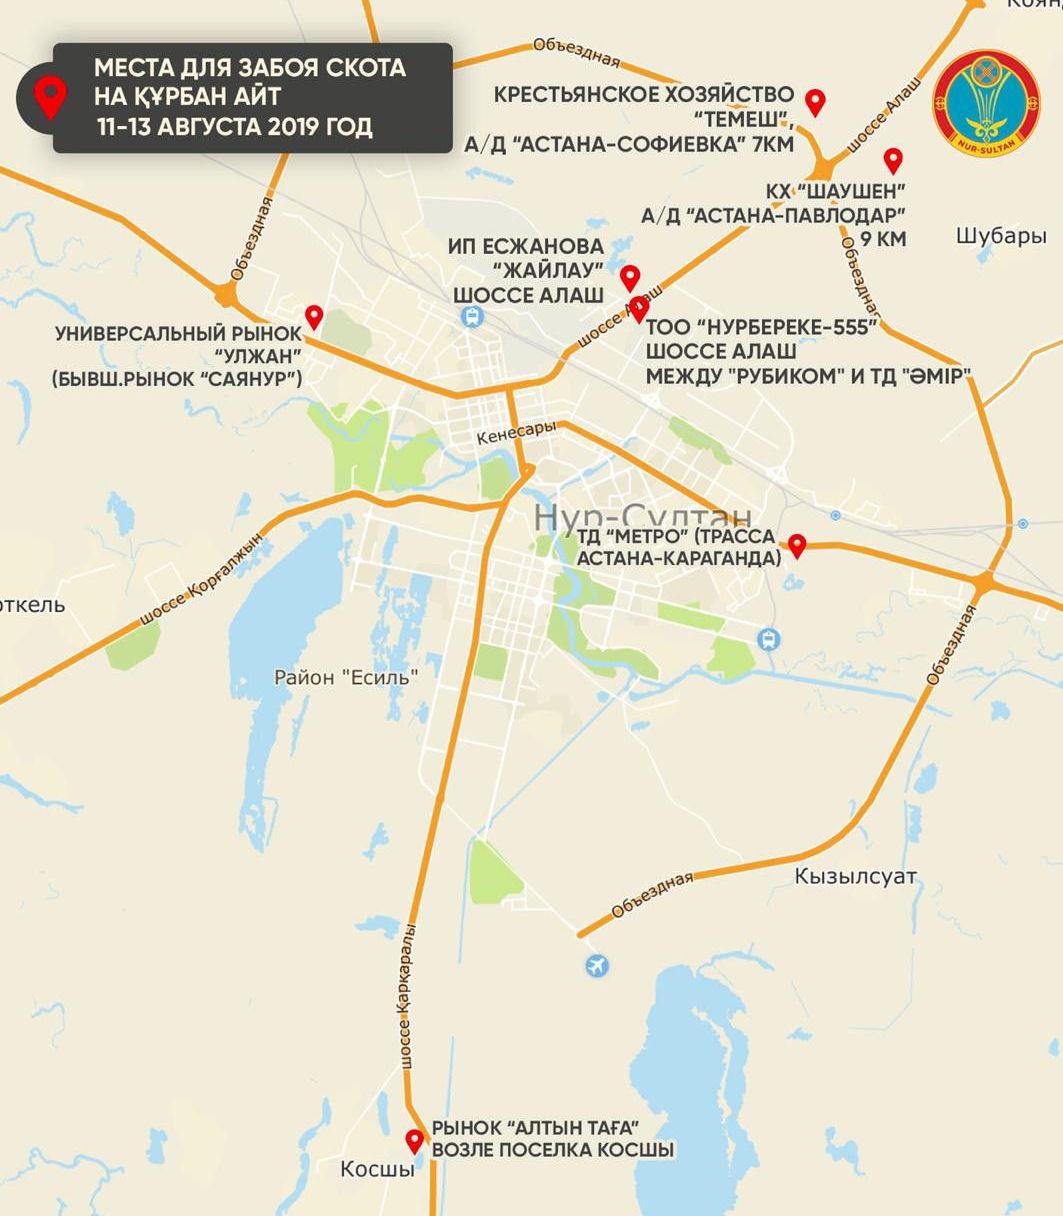 Астанада Құрбандық шалуға арналған жерлер